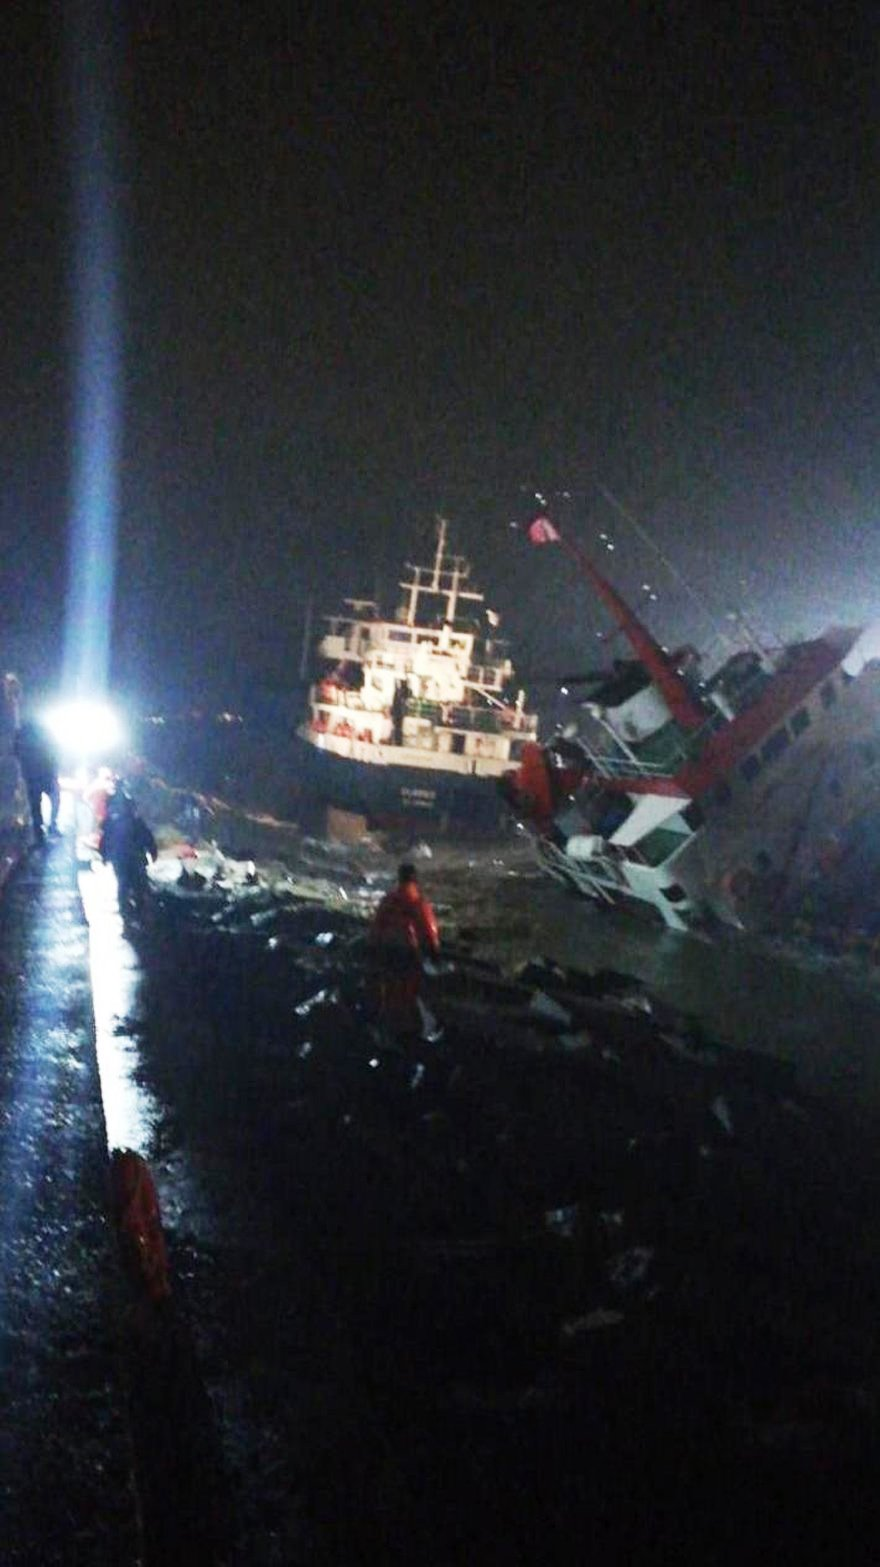 İstanbul'da iki gemi çarpıştı, biri her an batabilir